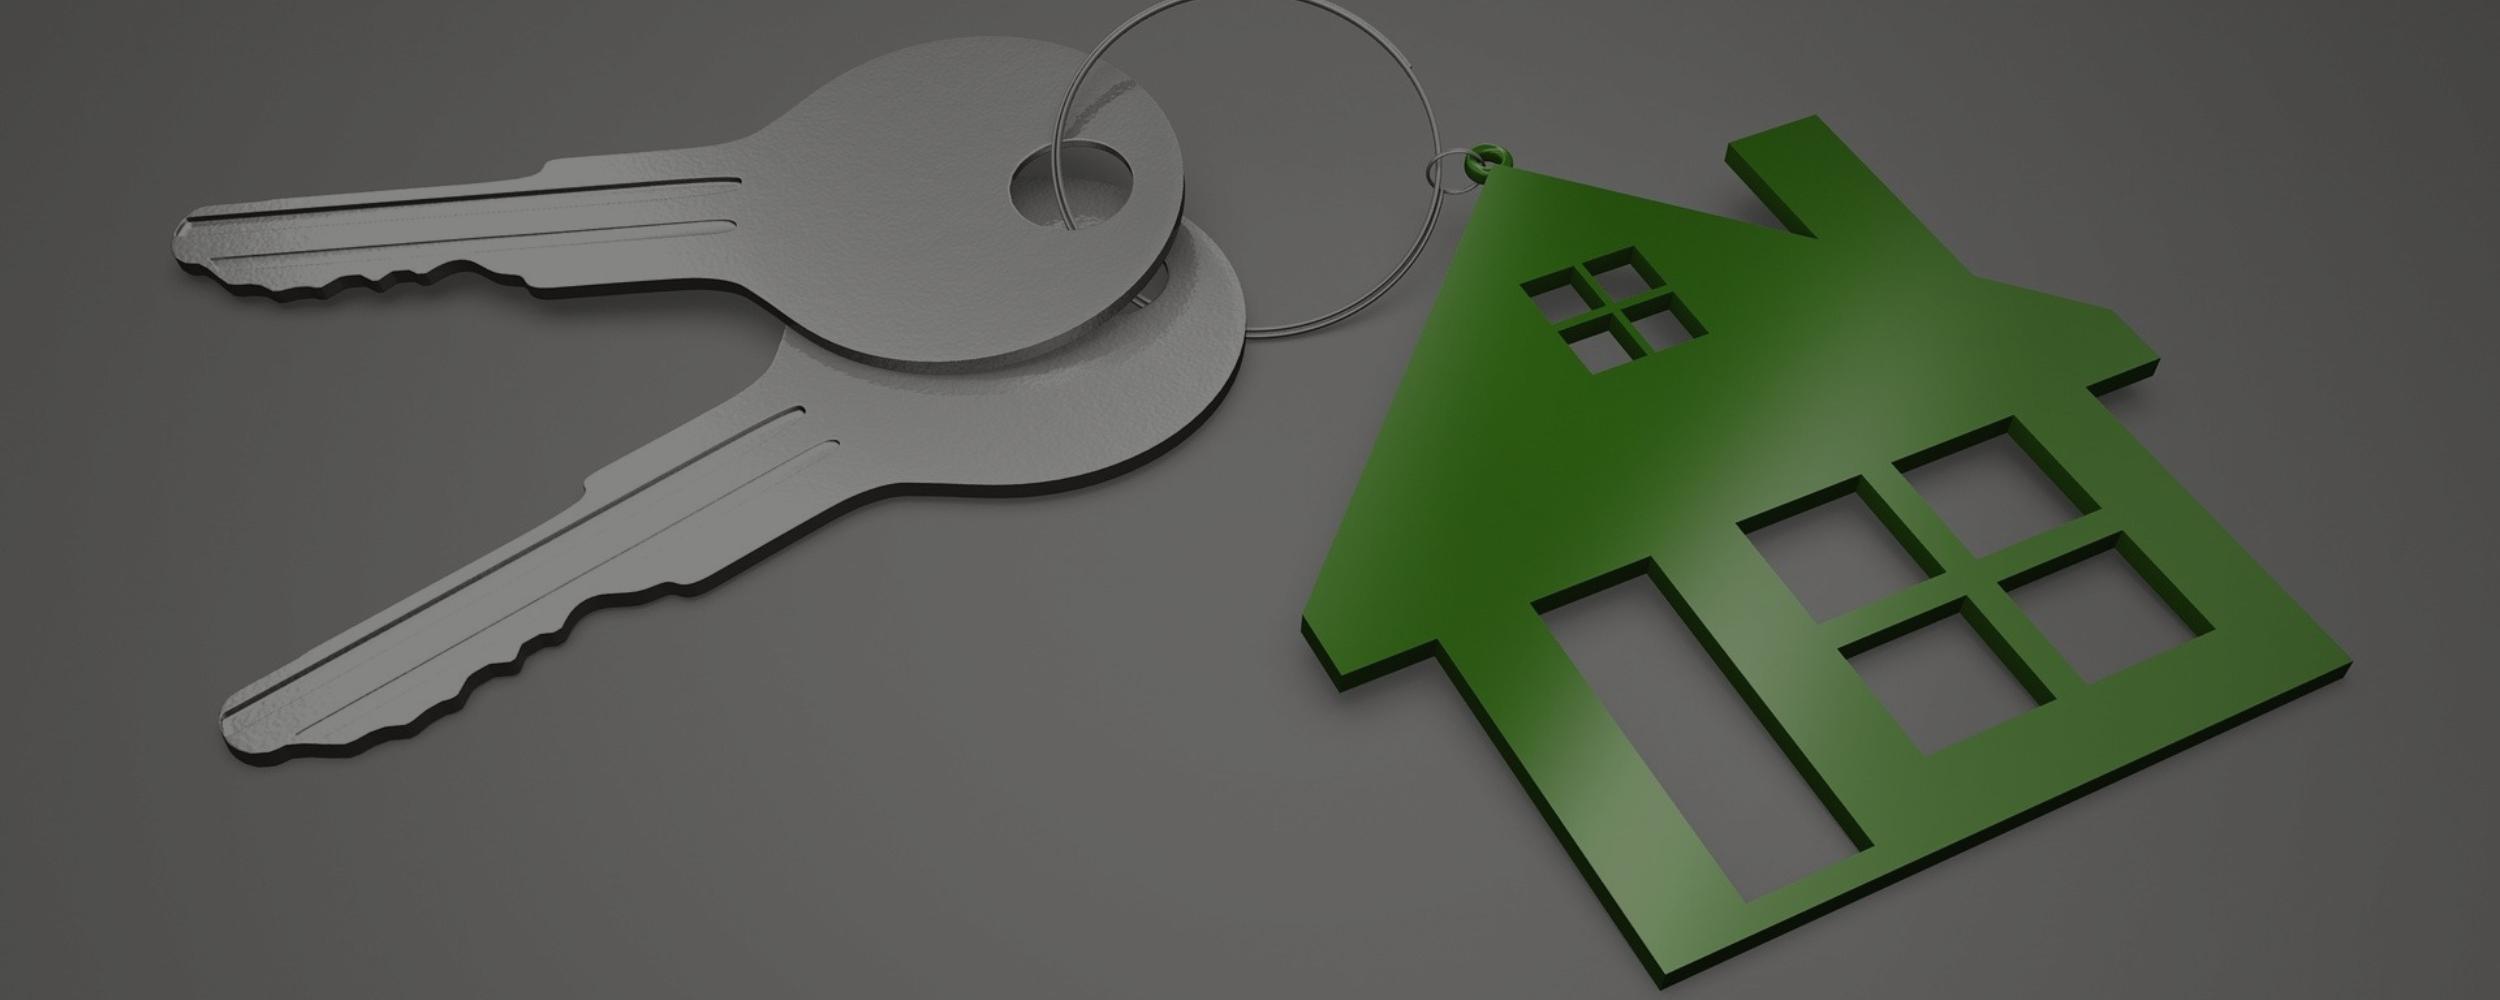 El Banco Santander, obligado a devolver los gastos hipotecarios a todos los afectados